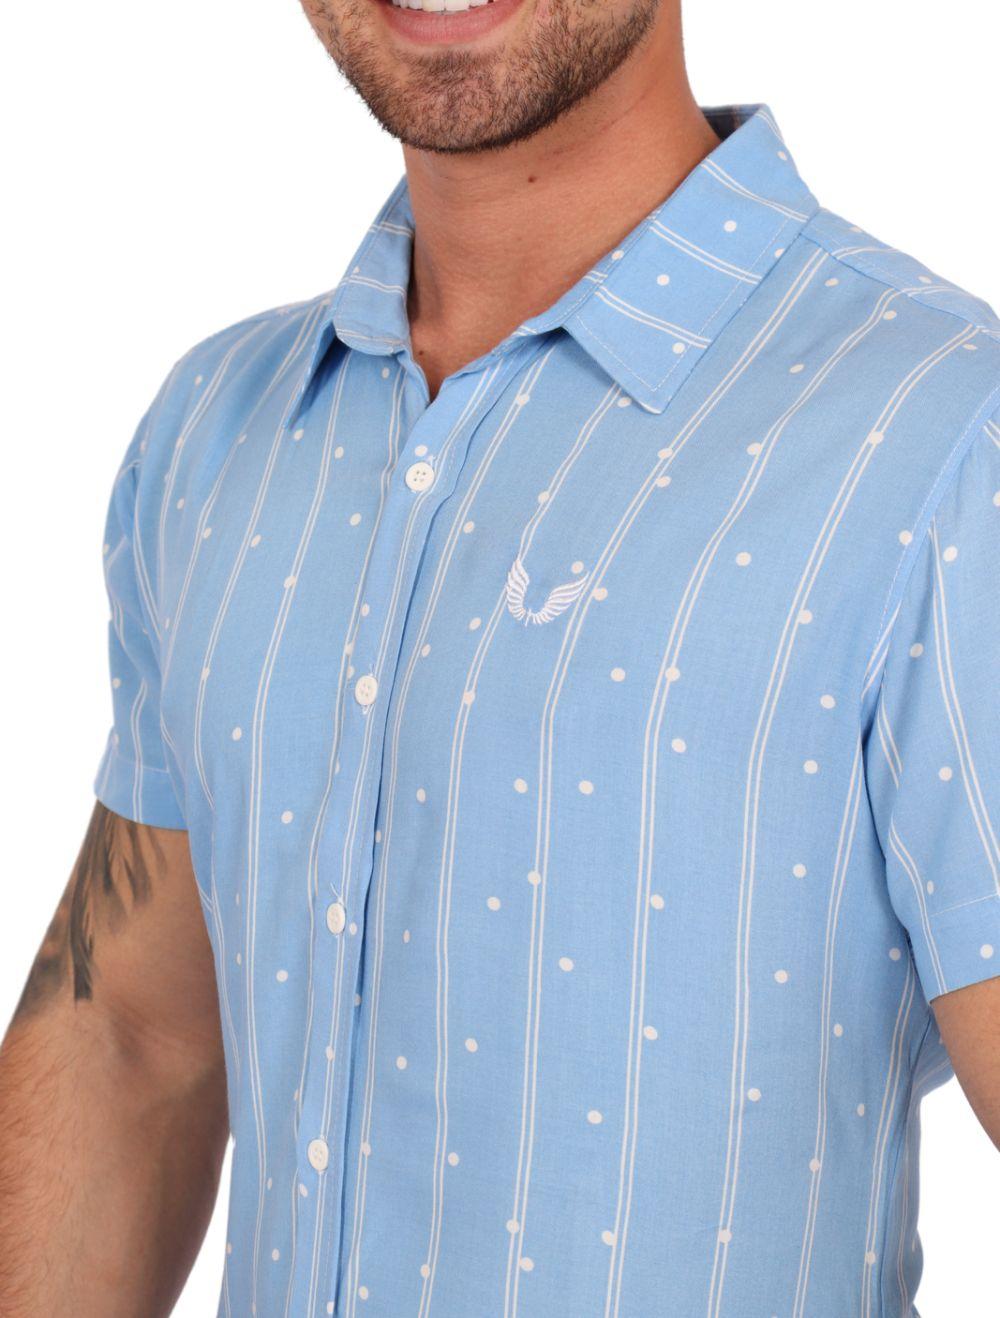 Camisa Masculina Manga Curta Azul com Listras Branca